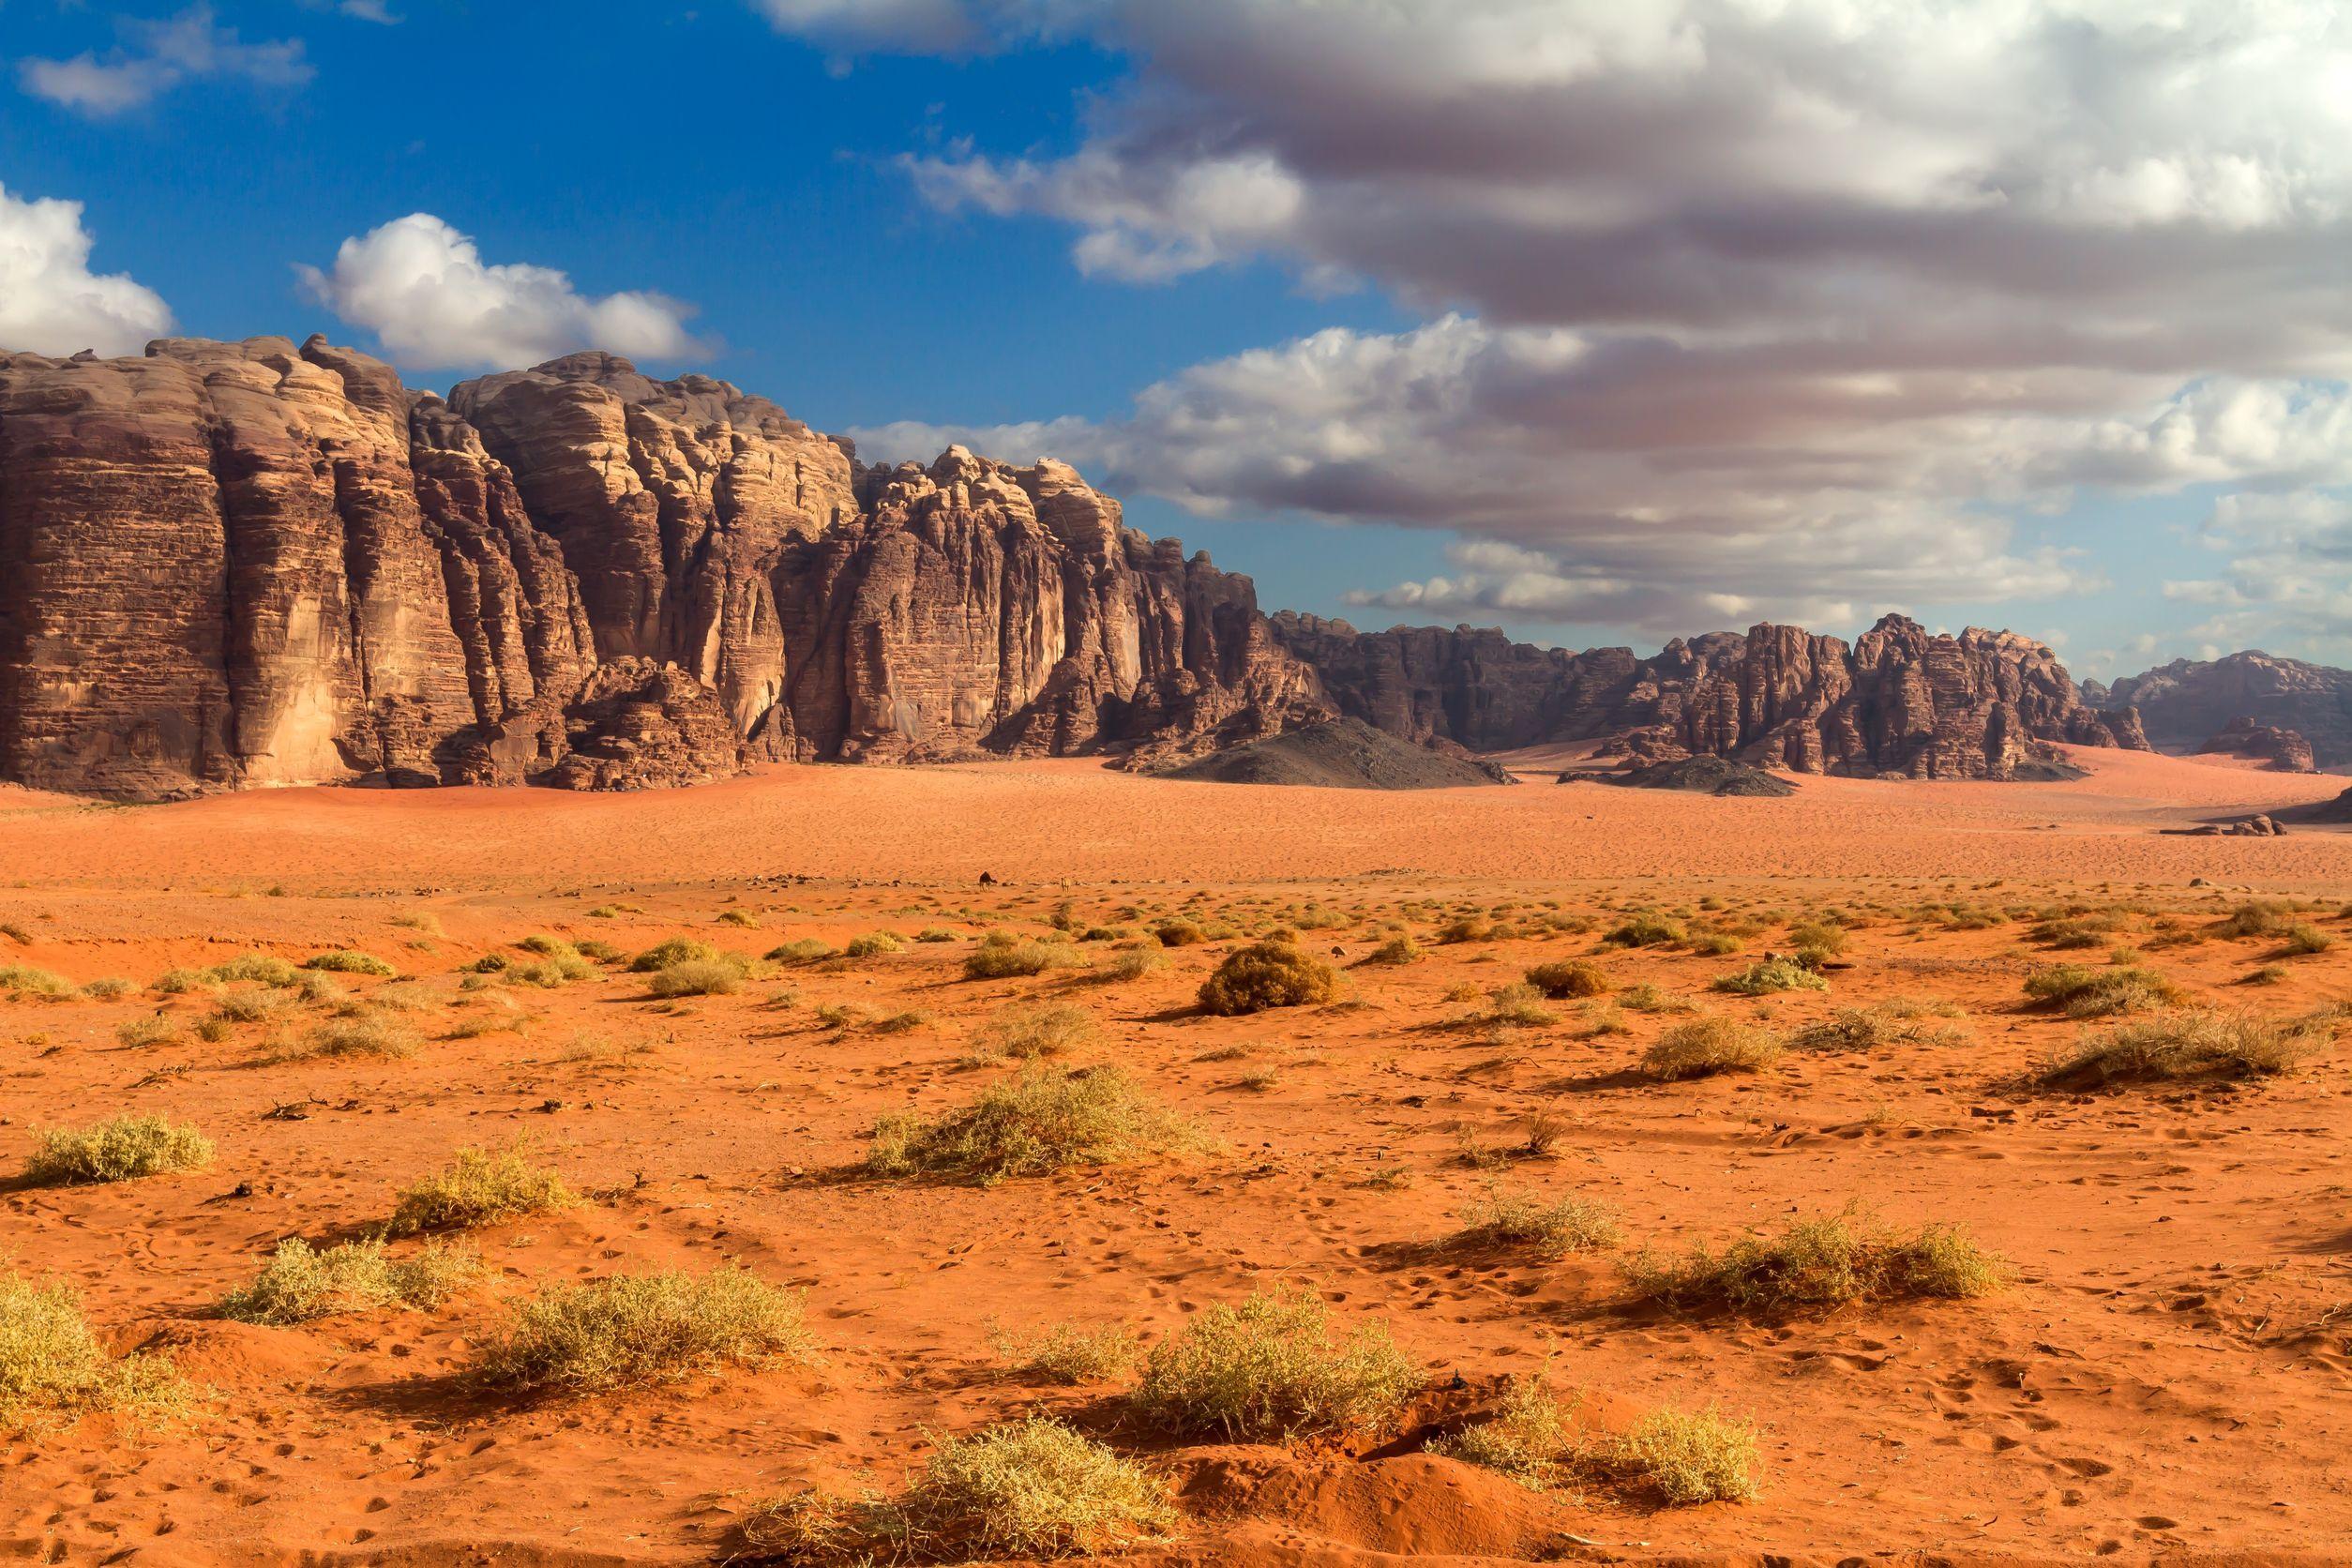 desert landscape - google